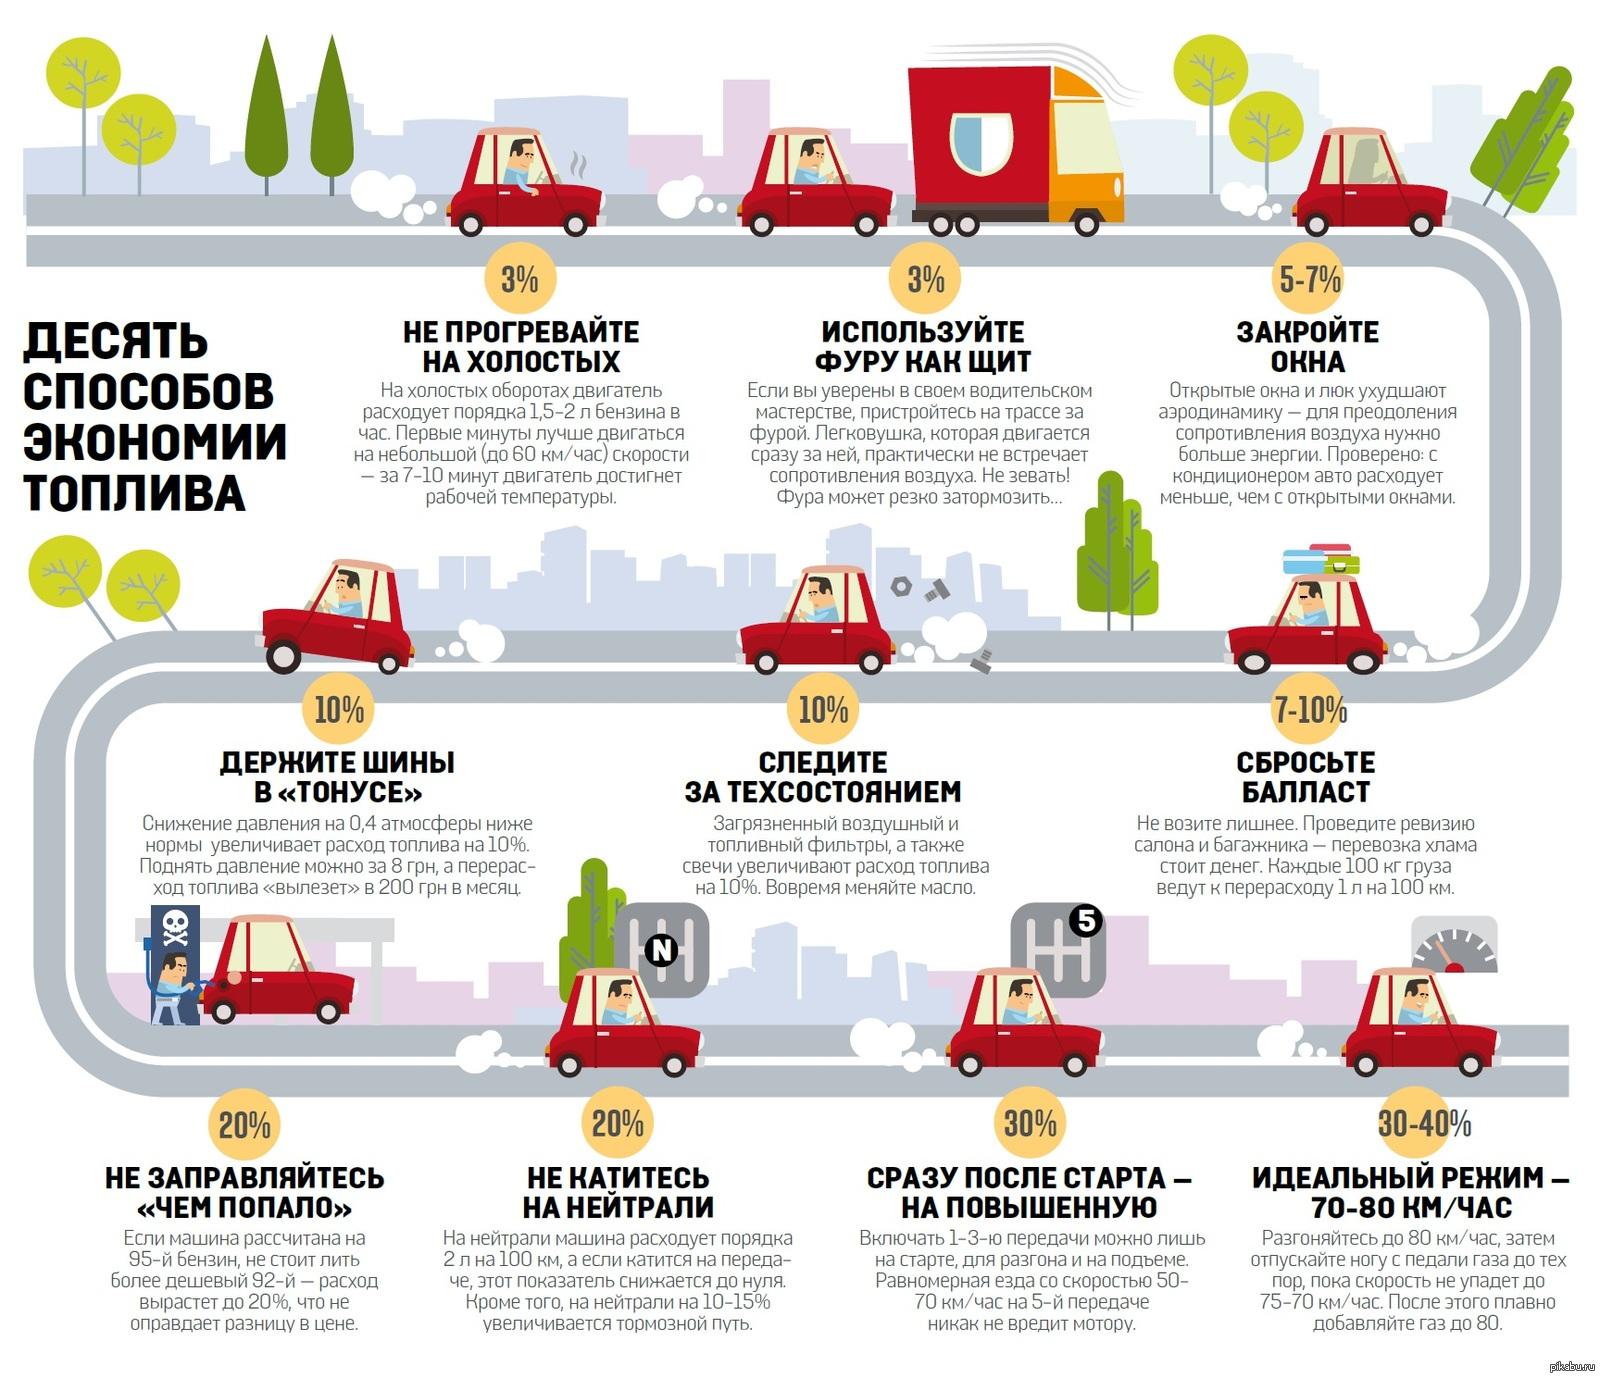 как ехать, чтобы экономить бензин